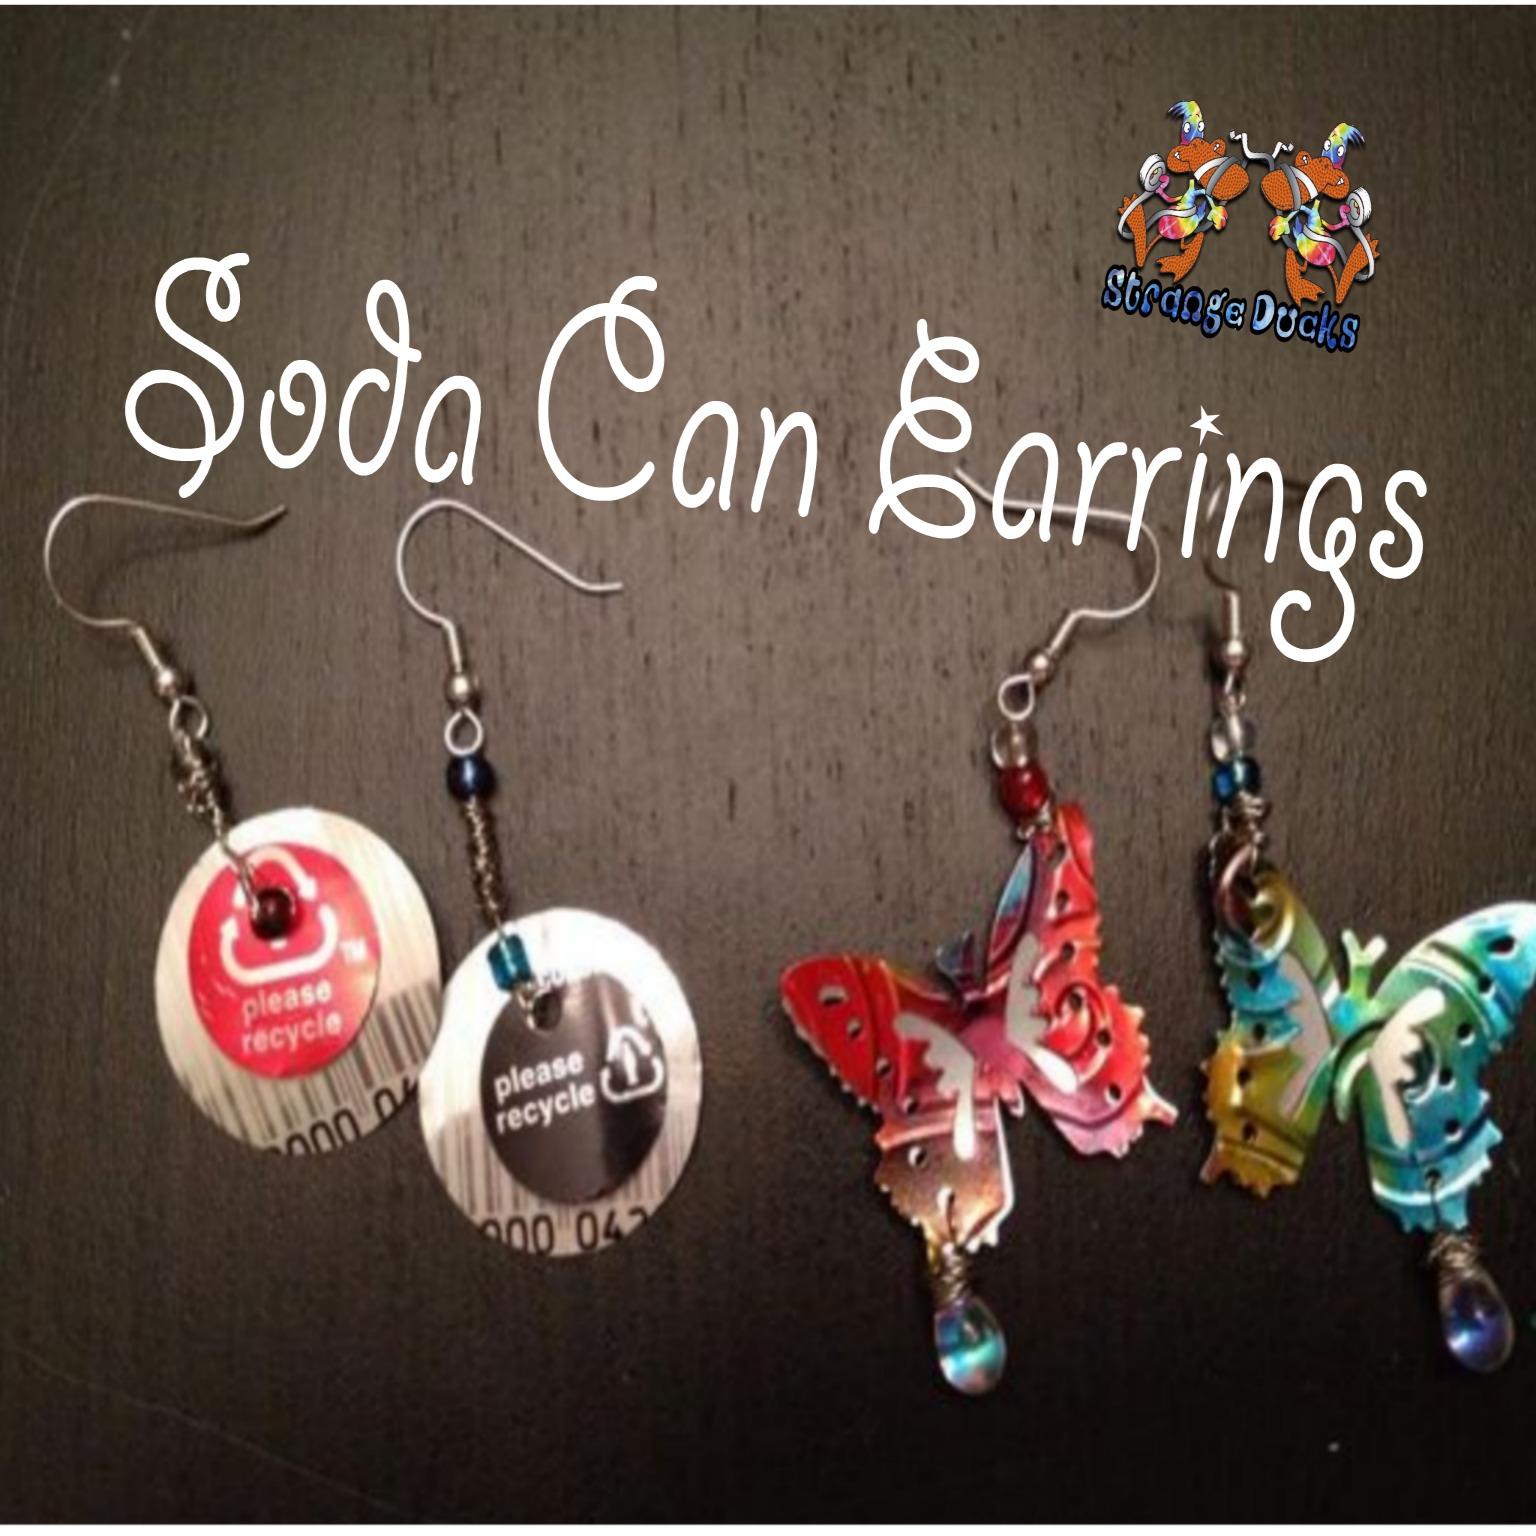 Soda Can earrings